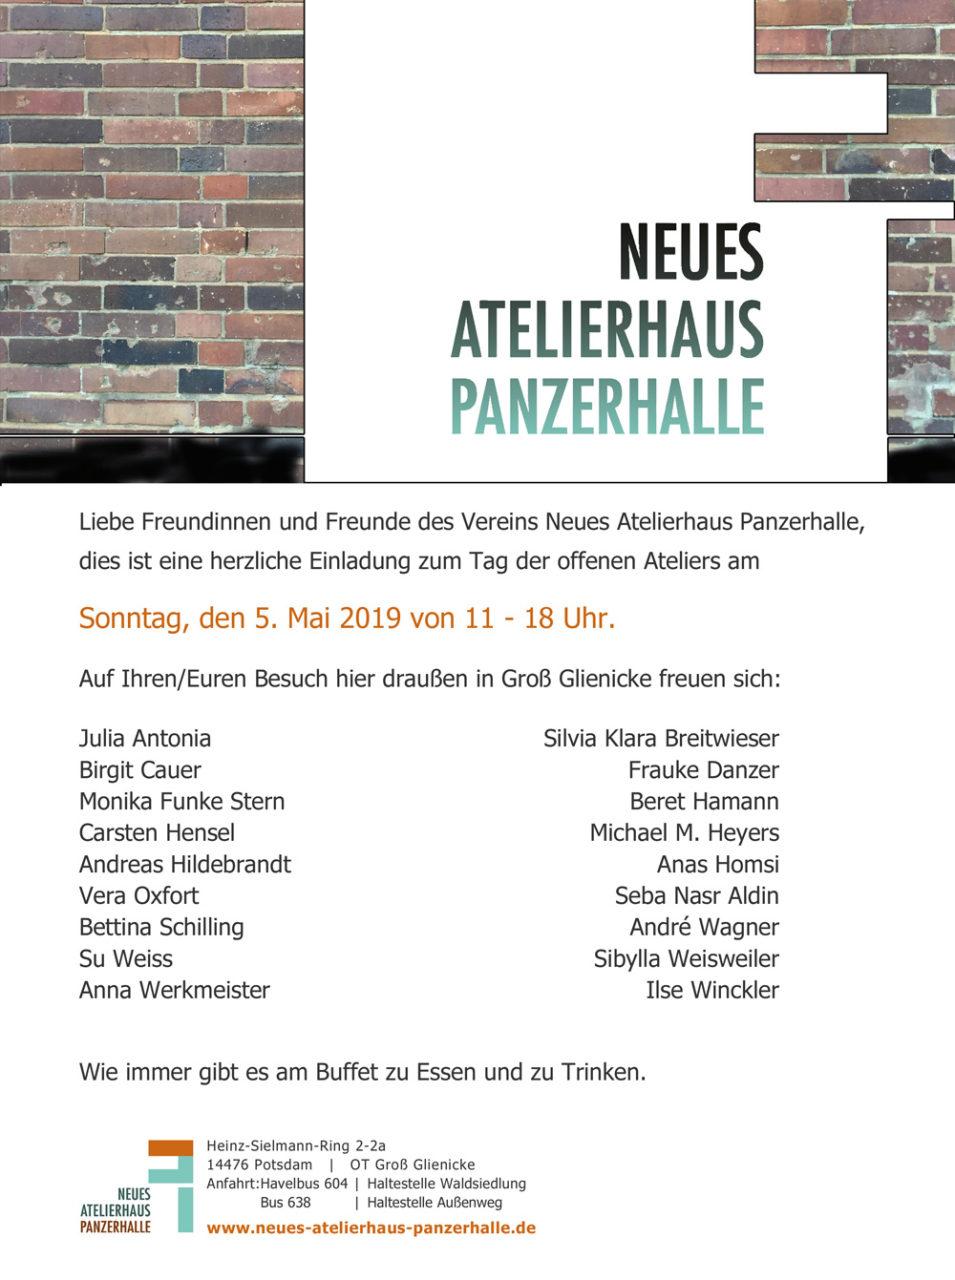 Offene Ateliers, 5.5.2019